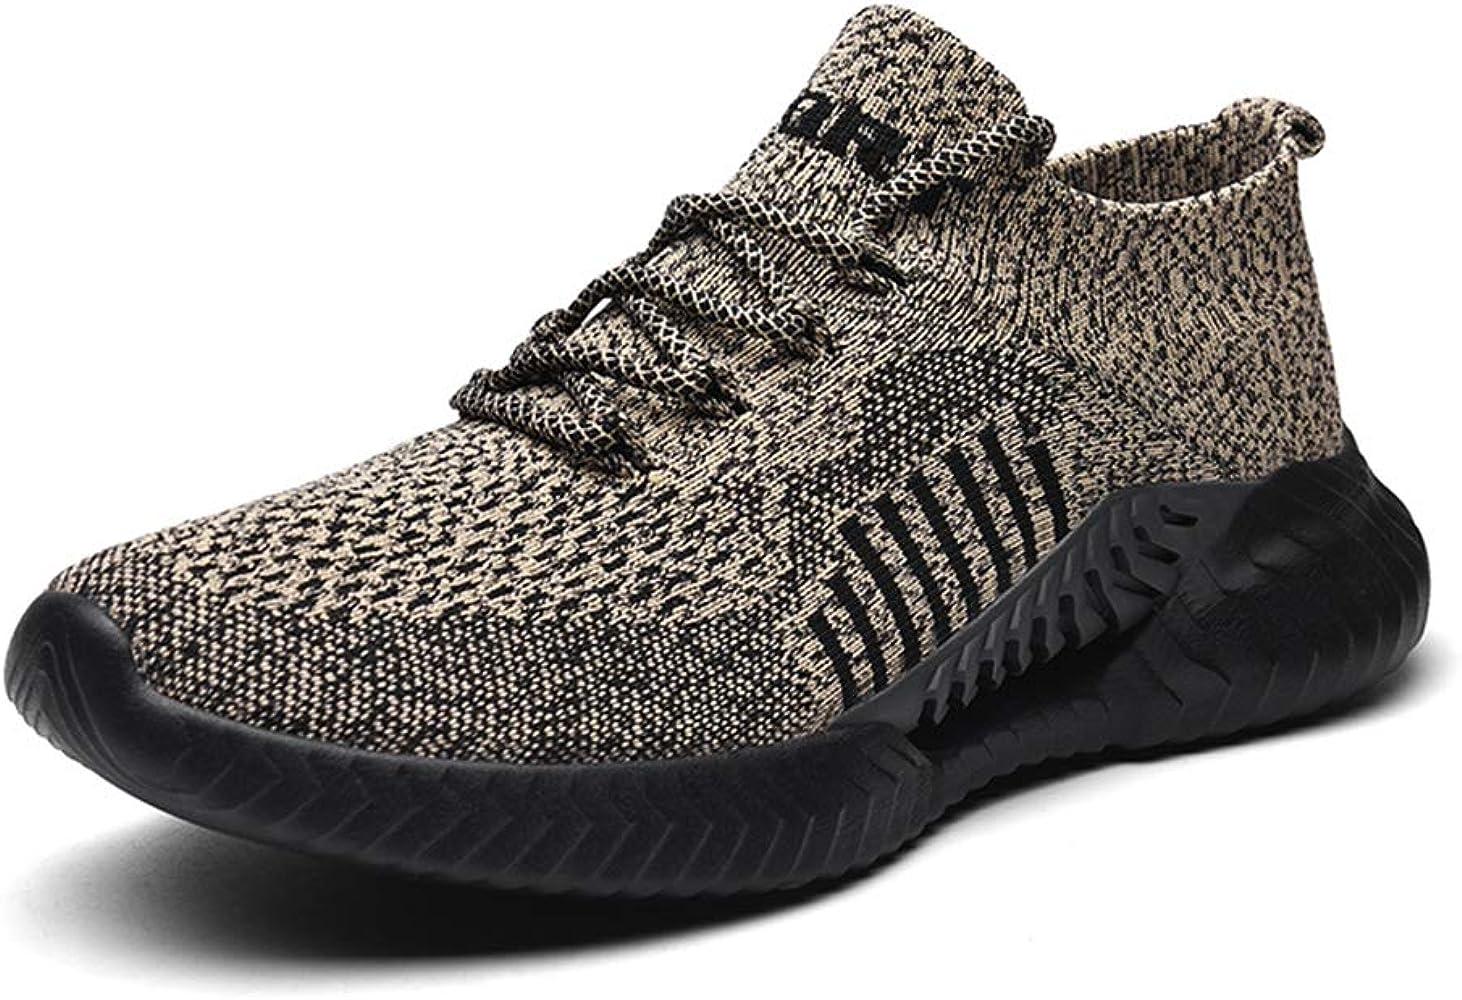 TQGOLD® Zapatillas Running para Mujer Hombre Antideslizantes Ligeras Zapatillas de Deportivas Gimnasio Transpirables Malla Sneakers 97Caqui 37: Amazon.es: Zapatos y complementos